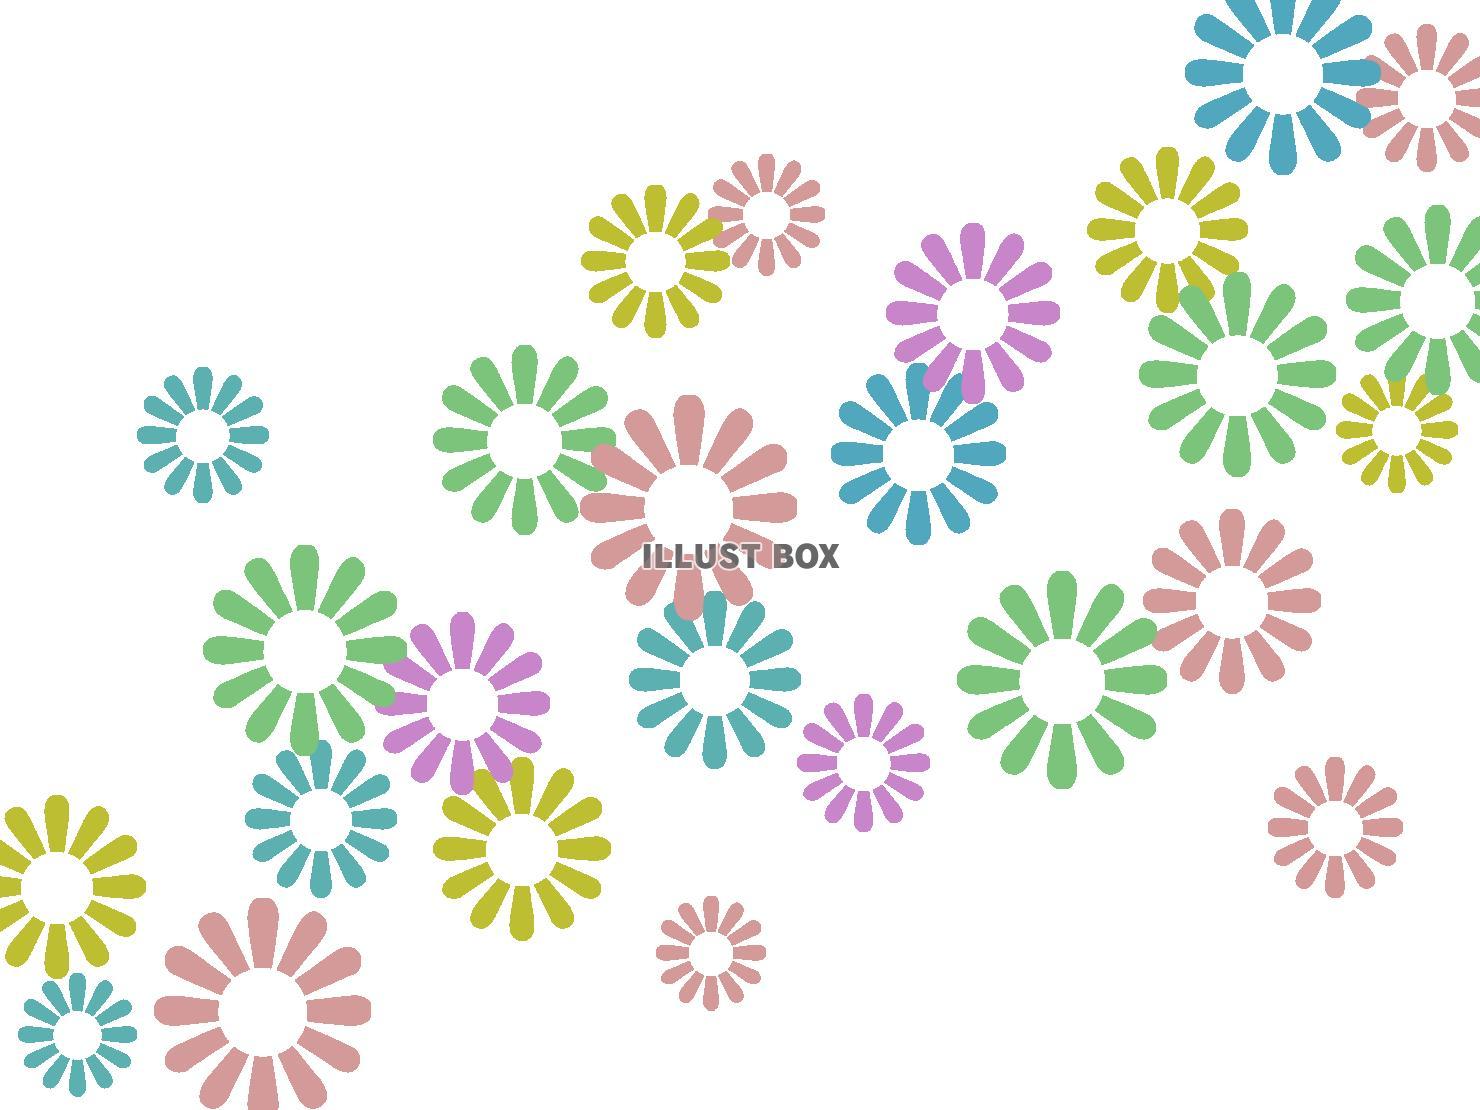 無料イラスト 花模様の壁紙カラフル柄の背景イラスト素材、透過png